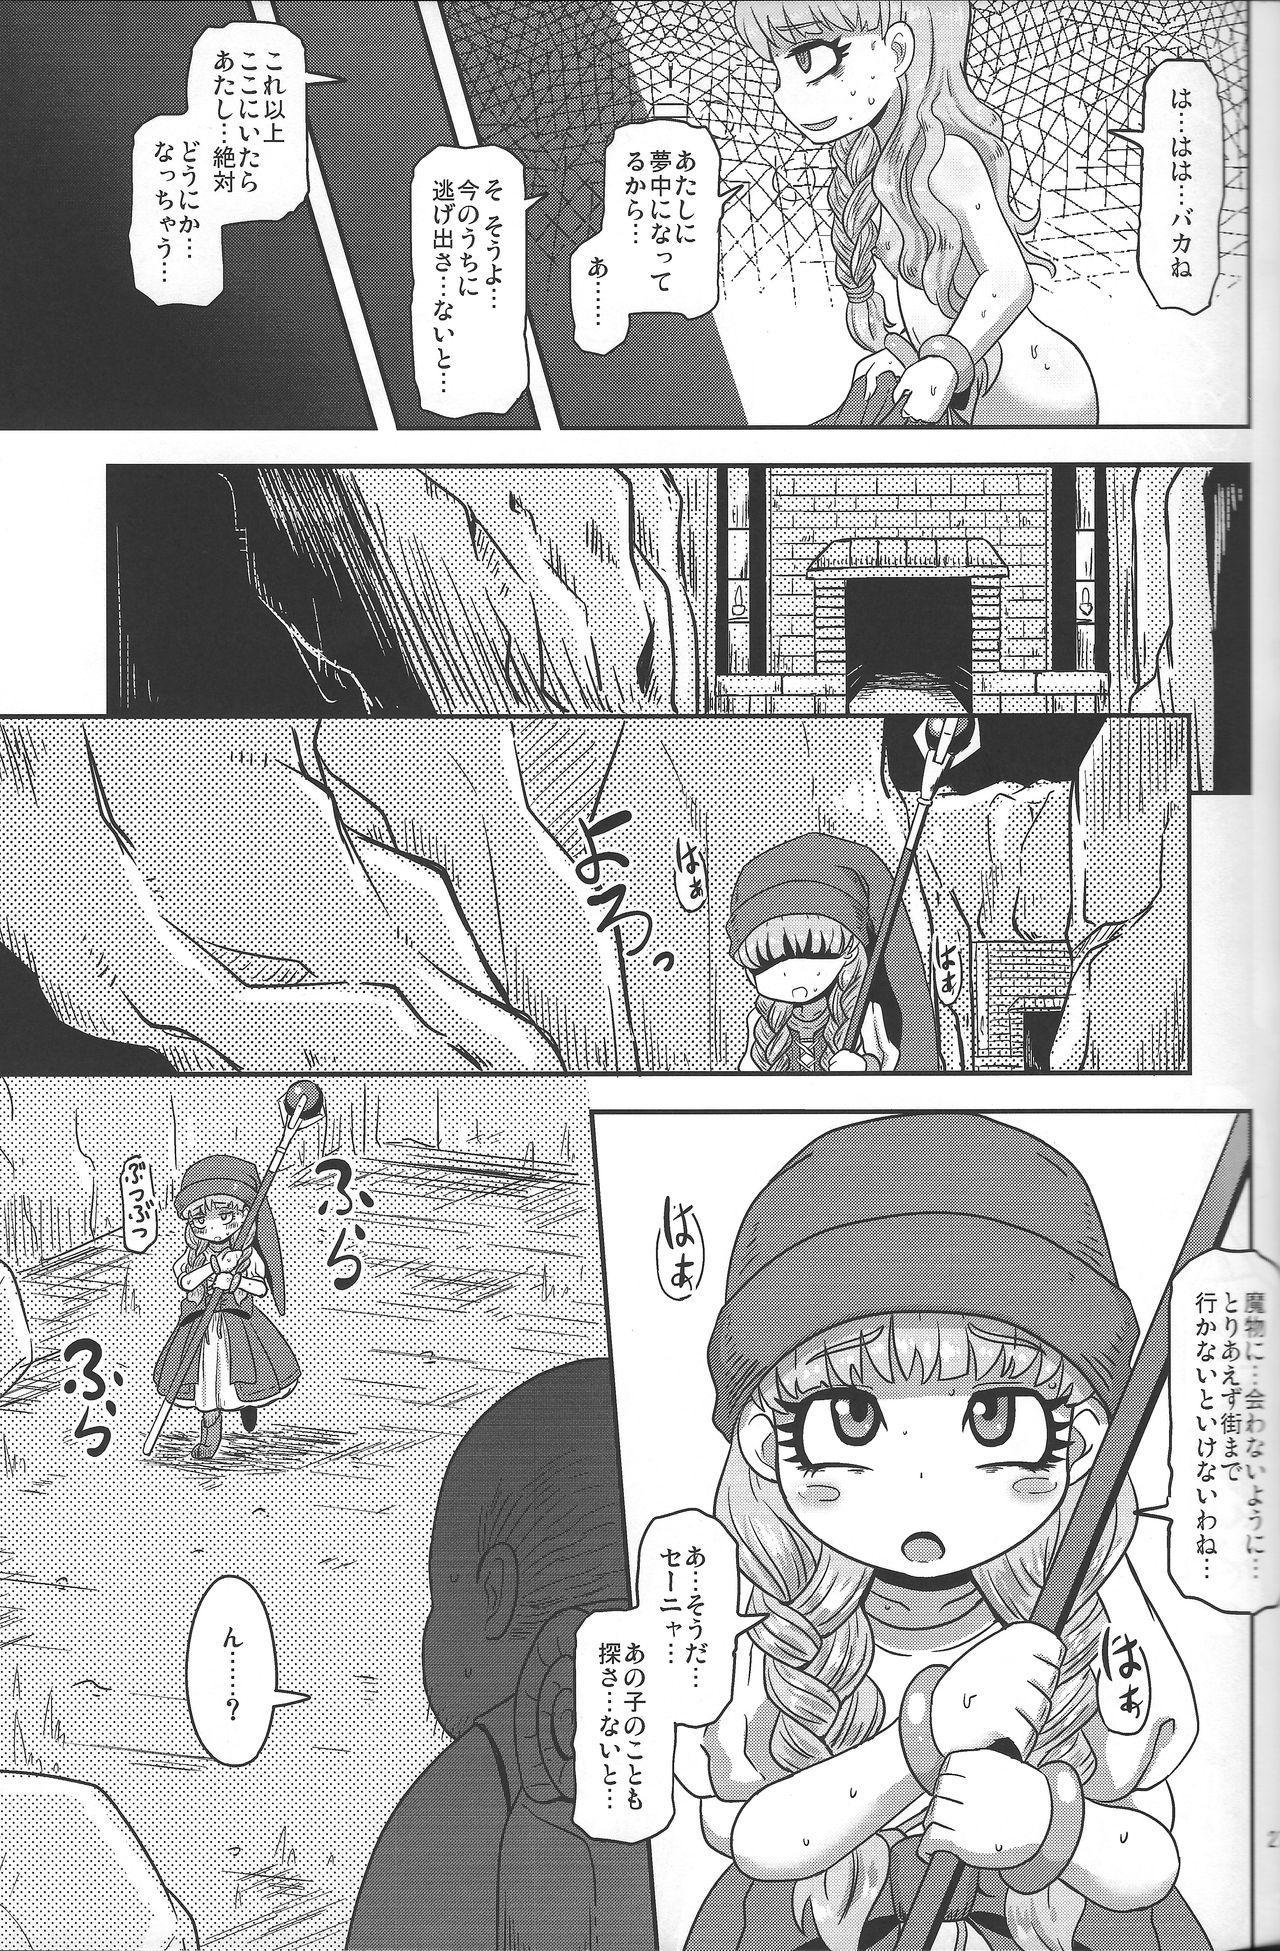 Tensai Mahoutsukai no Sei Jijou 25